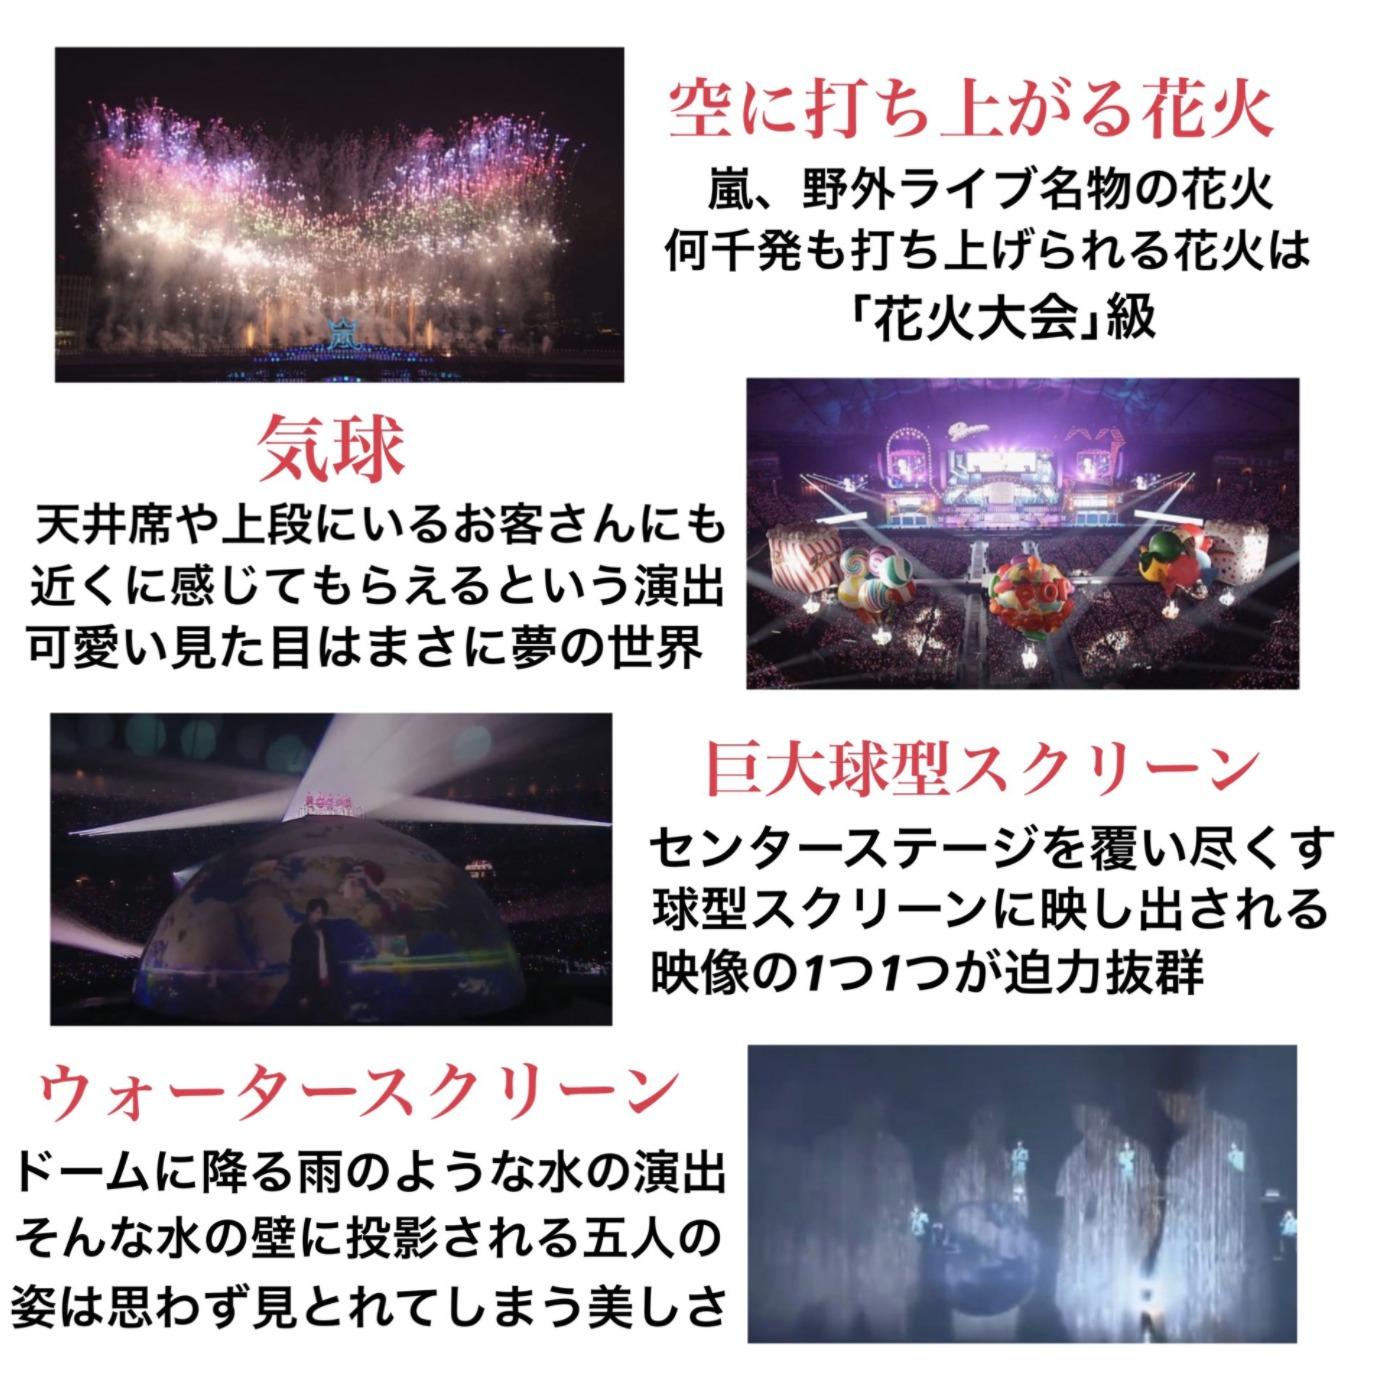 嵐のコンサート演出例